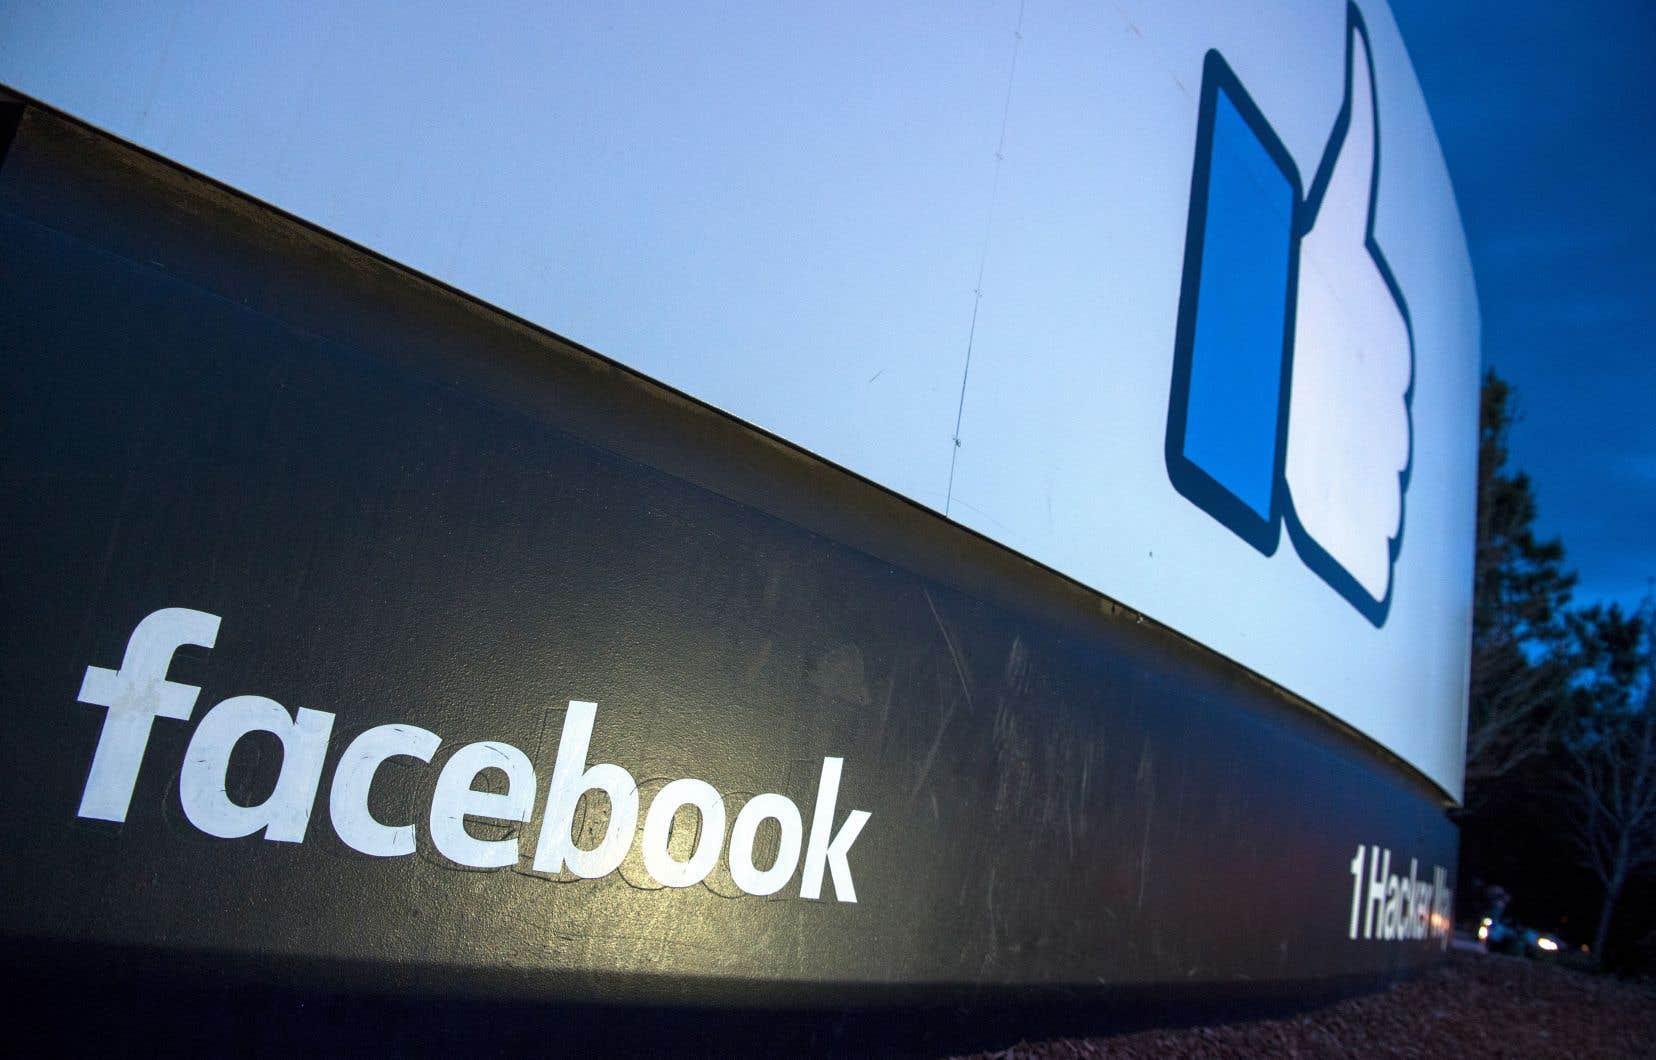 Depuis l'éclatement d'une polémique sur l'utilisation indue de données sur le réseau social par la société Cambridge Analytica, le cours a perdu 13,5% de capitalisation boursière.